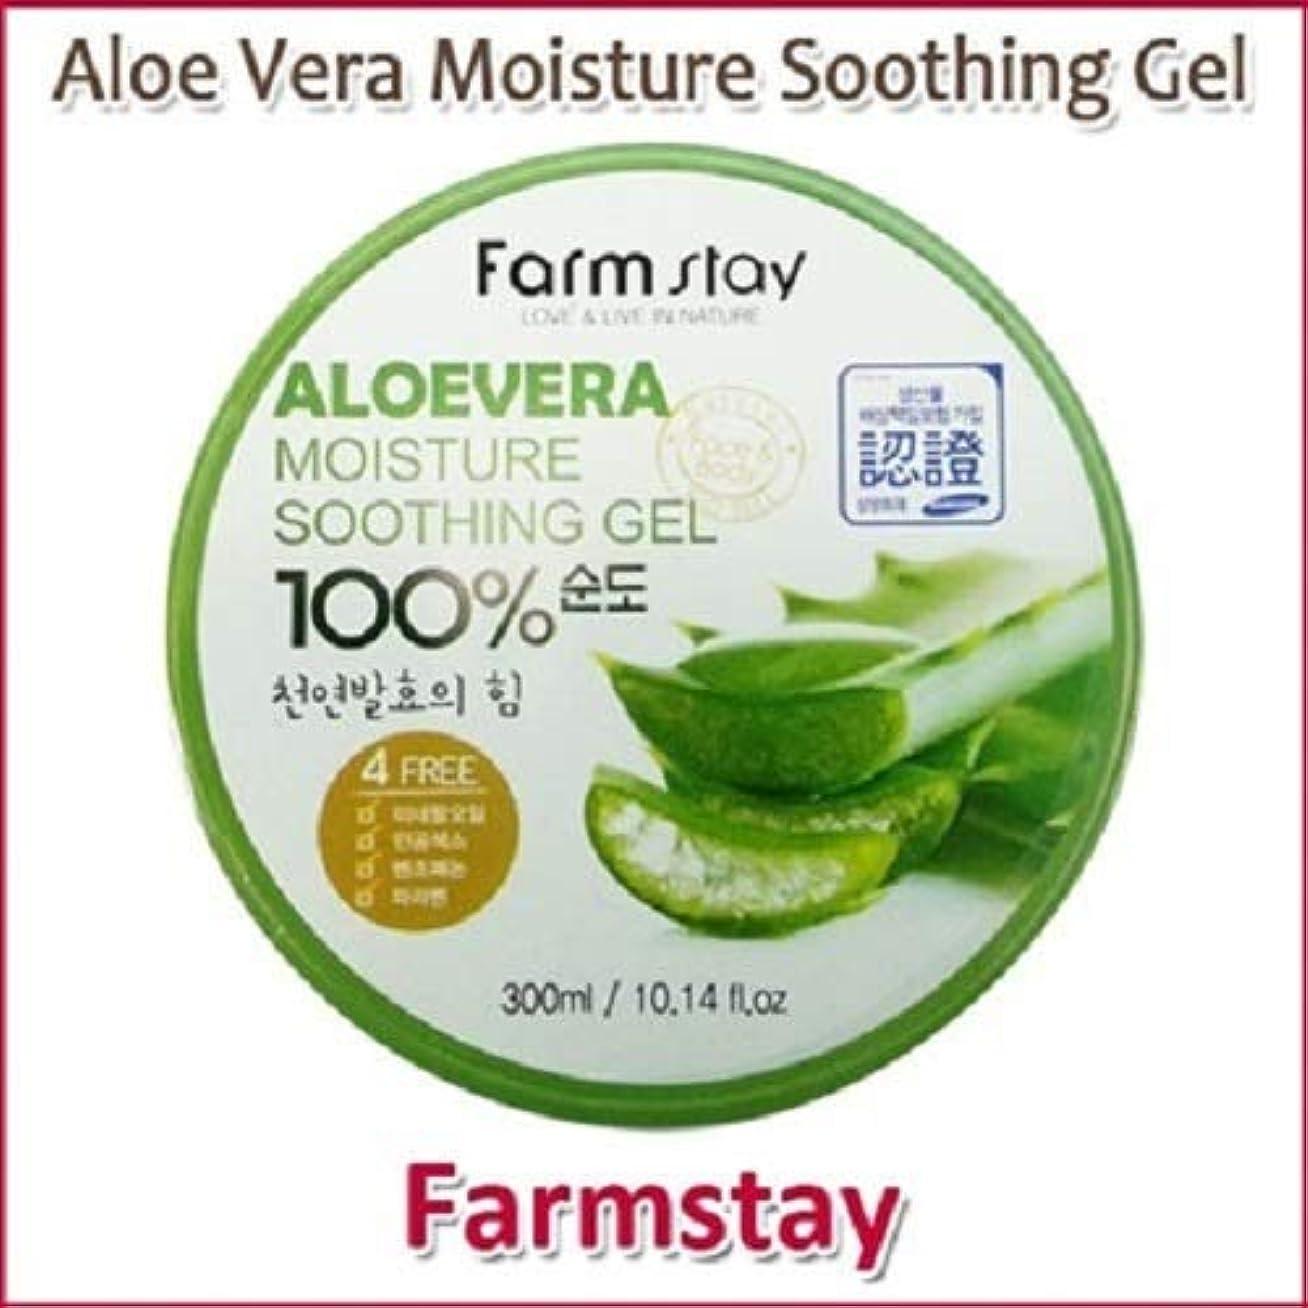 粘性の空炭水化物Farm Stay Aloe Vera Moisture Soothing Gel 300ml /オーガニック アロエベラゲル 100%/保湿ケア/韓国コスメ/Aloe Vera 100% /Moisturizing [...